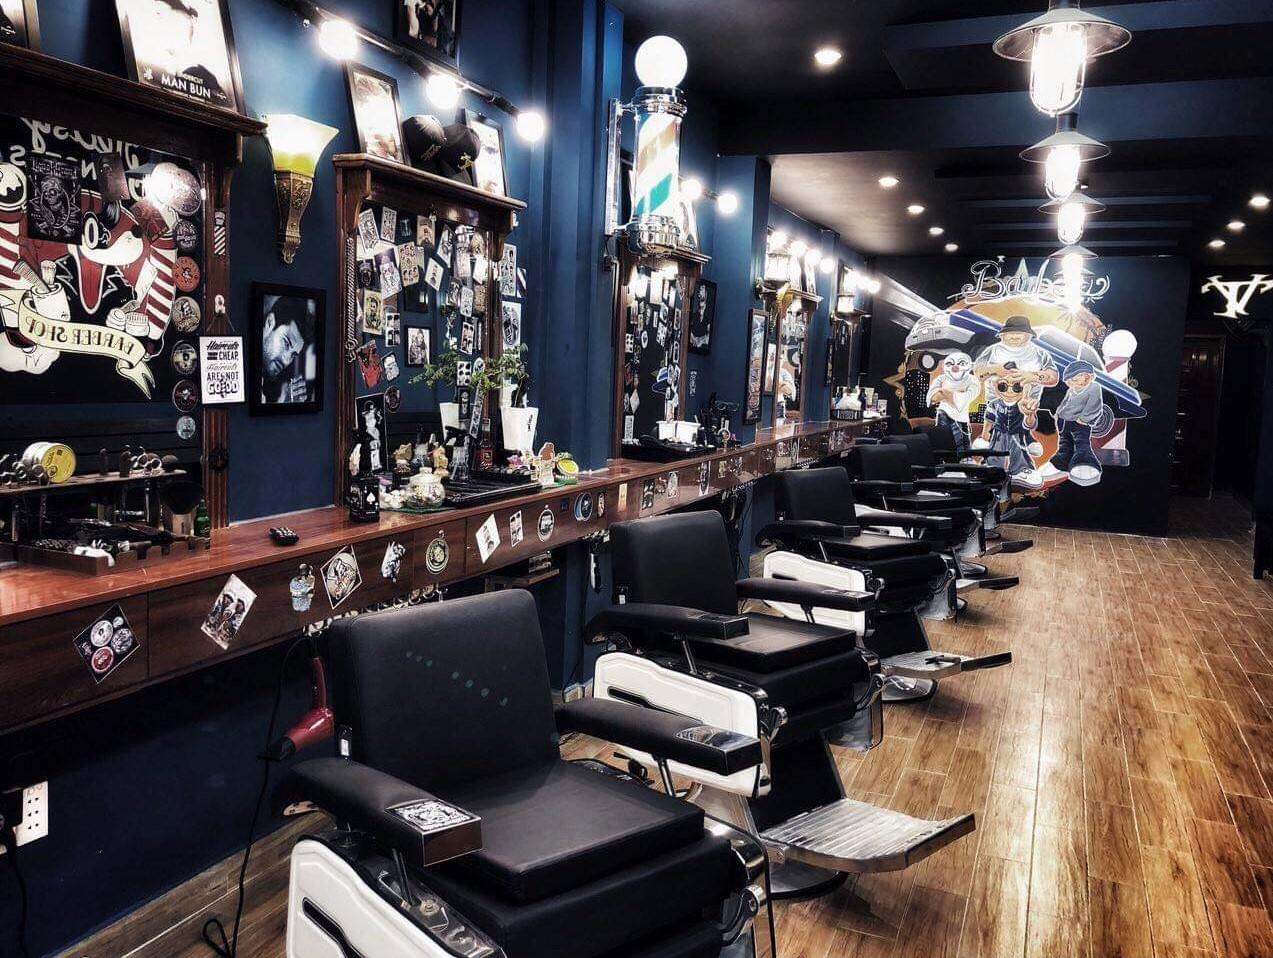 Top 5 tiệm cắt tóc nam đẹp tại Sài Gòn mà cánh mày râu không nên bỏ qua